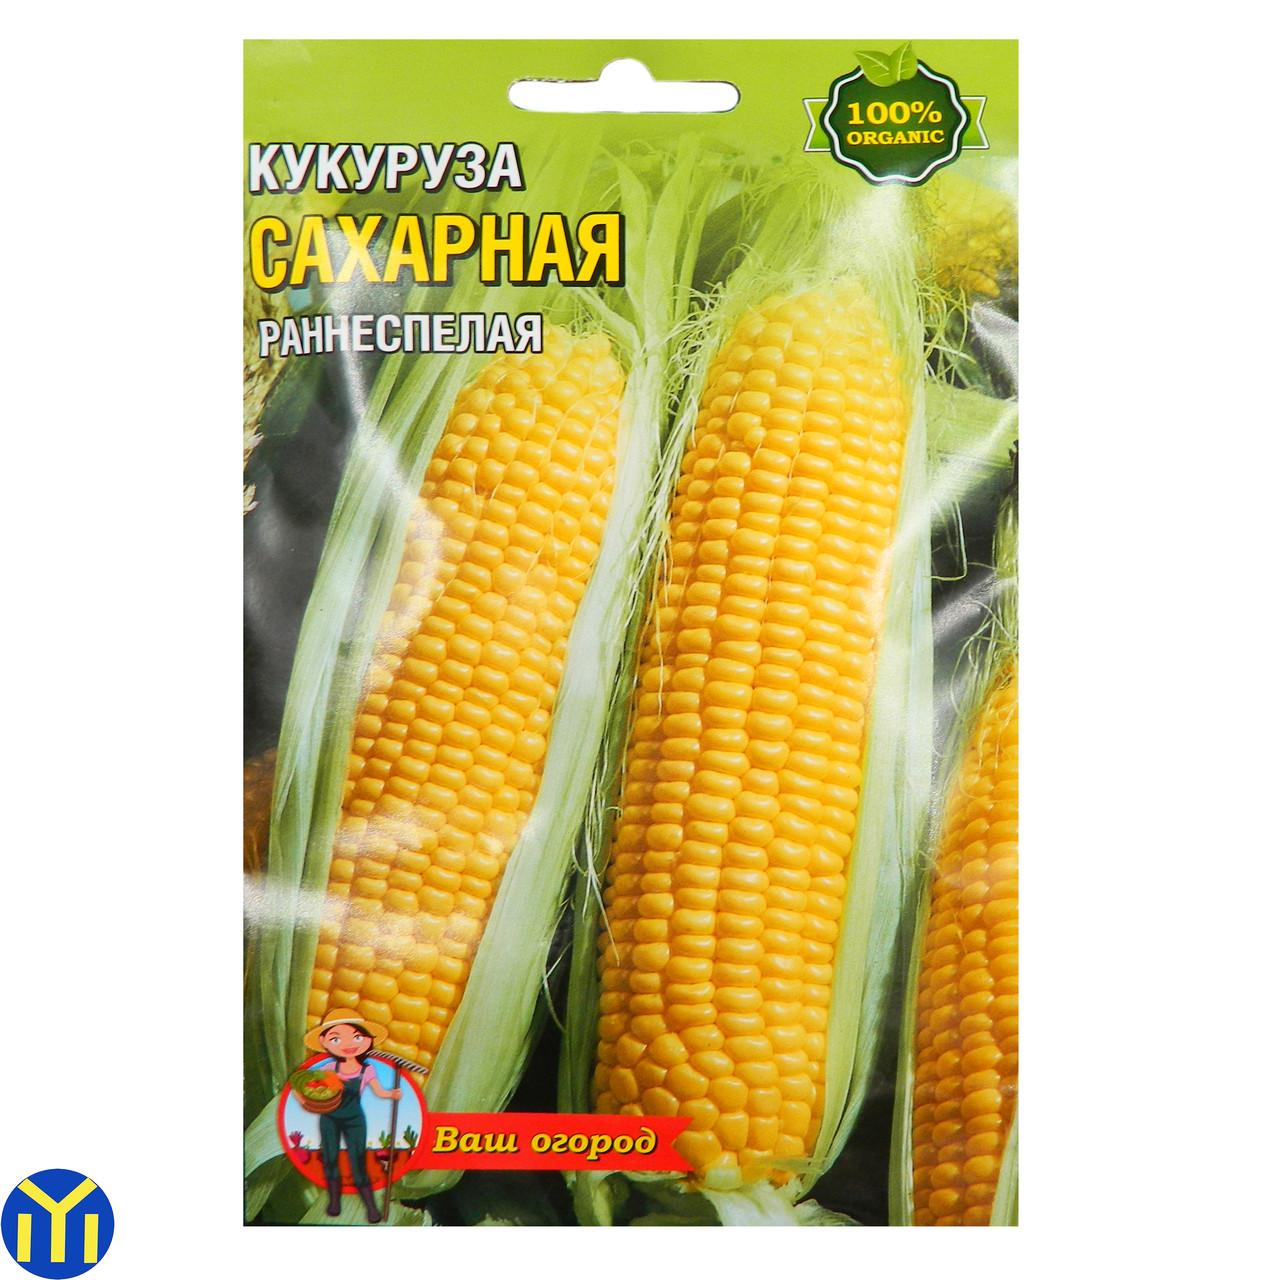 Зерна кукуруза Сахарная, Раннеспелая